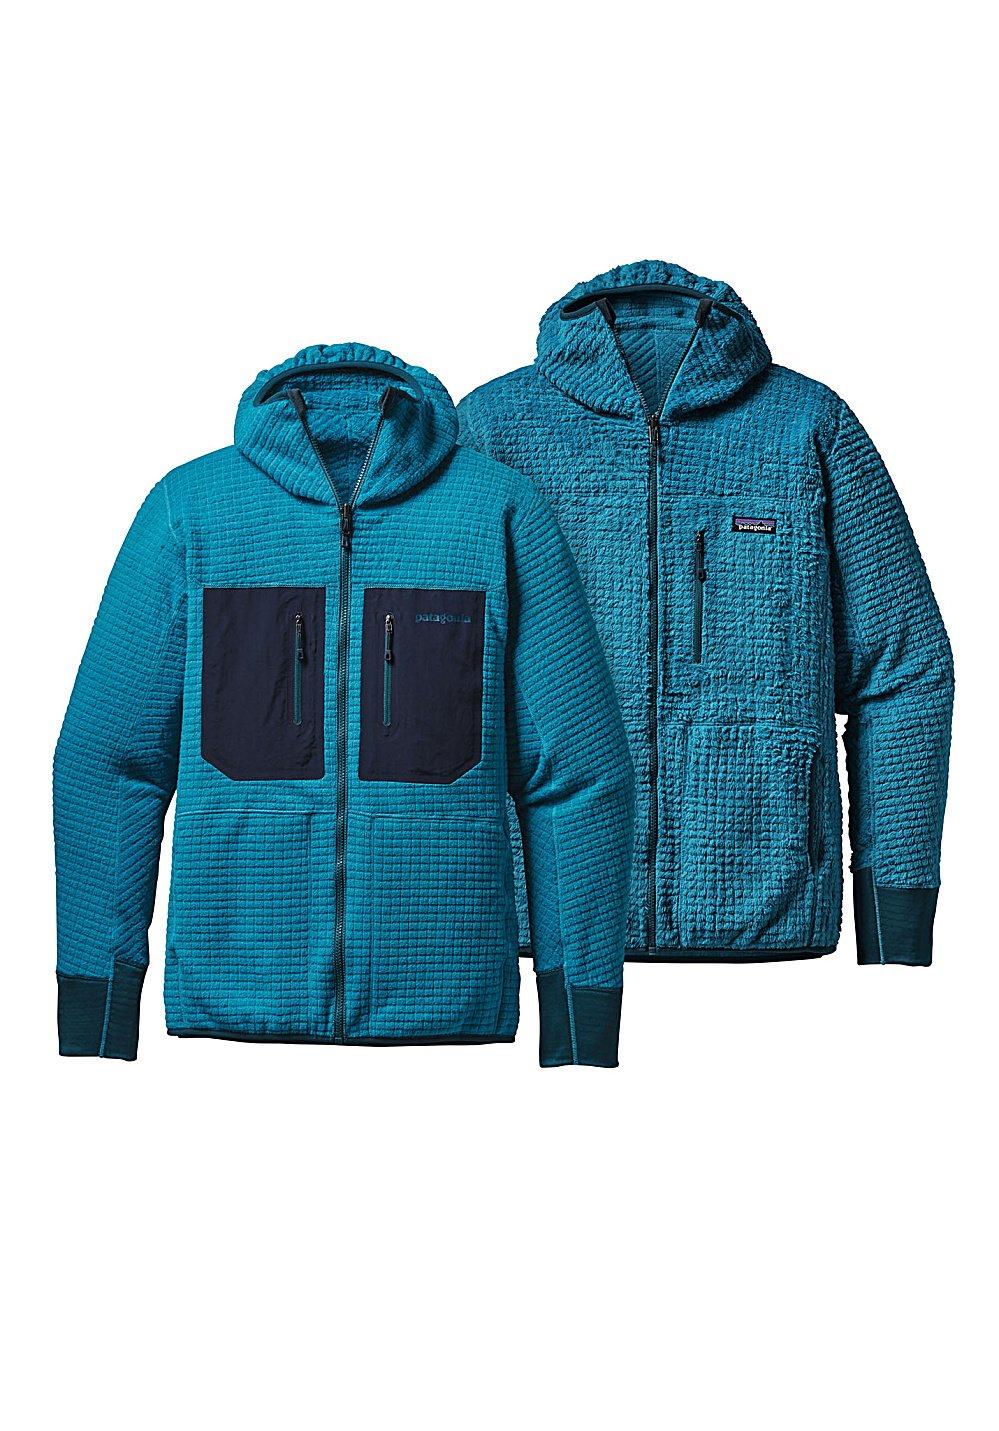 Patagonia R3 Hoody Jacket Men - Fleecejacke